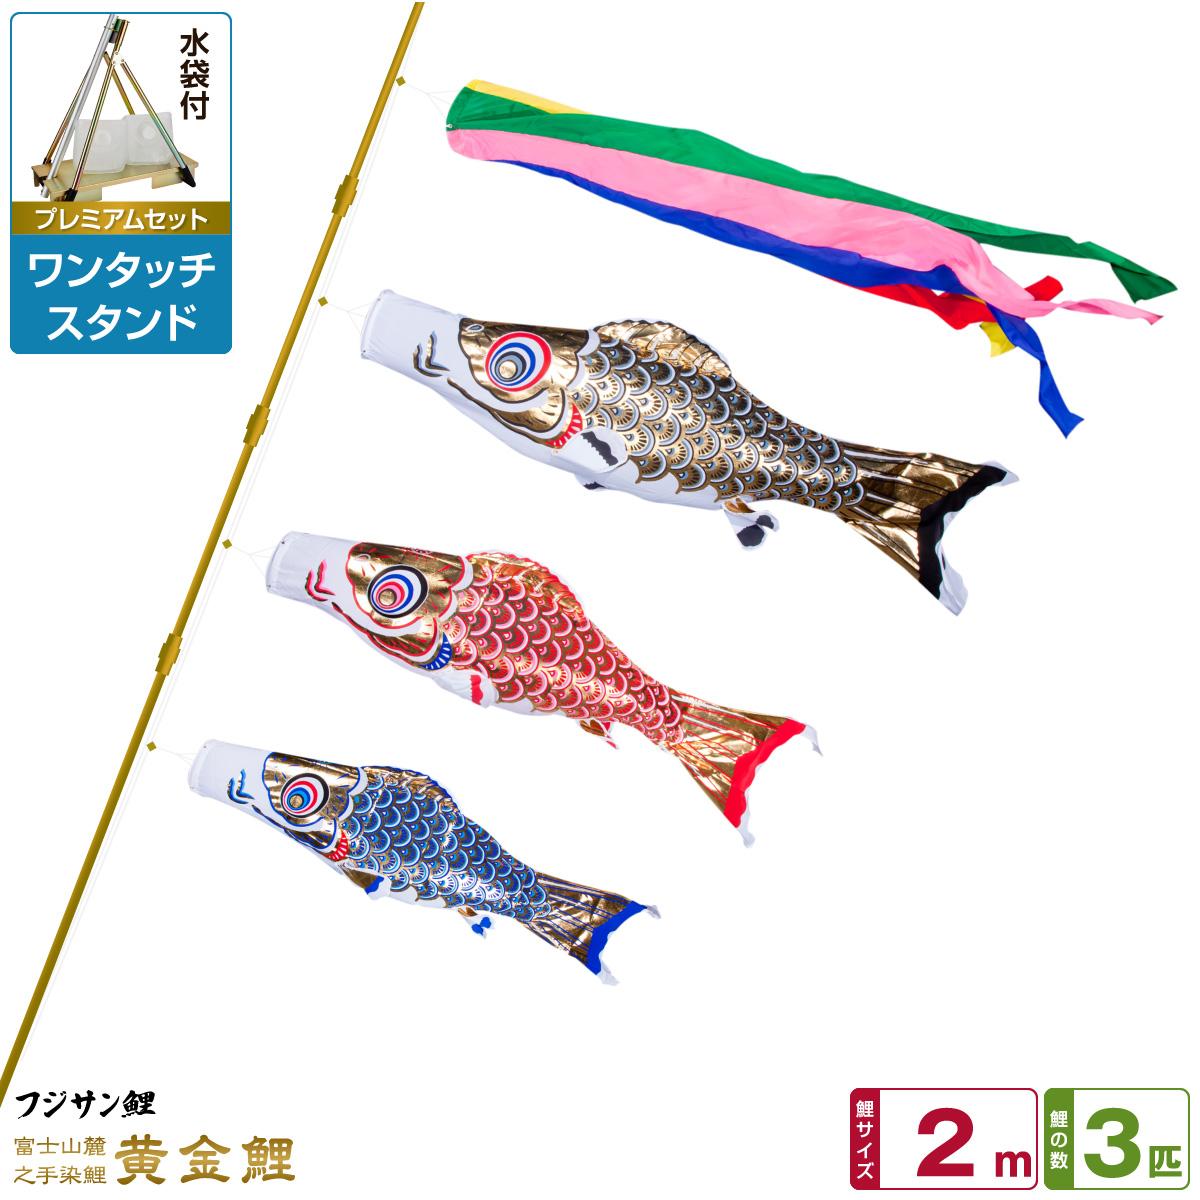 ベランダ用 こいのぼり 鯉のぼり フジサン鯉 黄金鯉 2m 6点(吹流し+鯉3匹+矢車+ロープ)/プレミアムセット(ワンタッチスタンド)